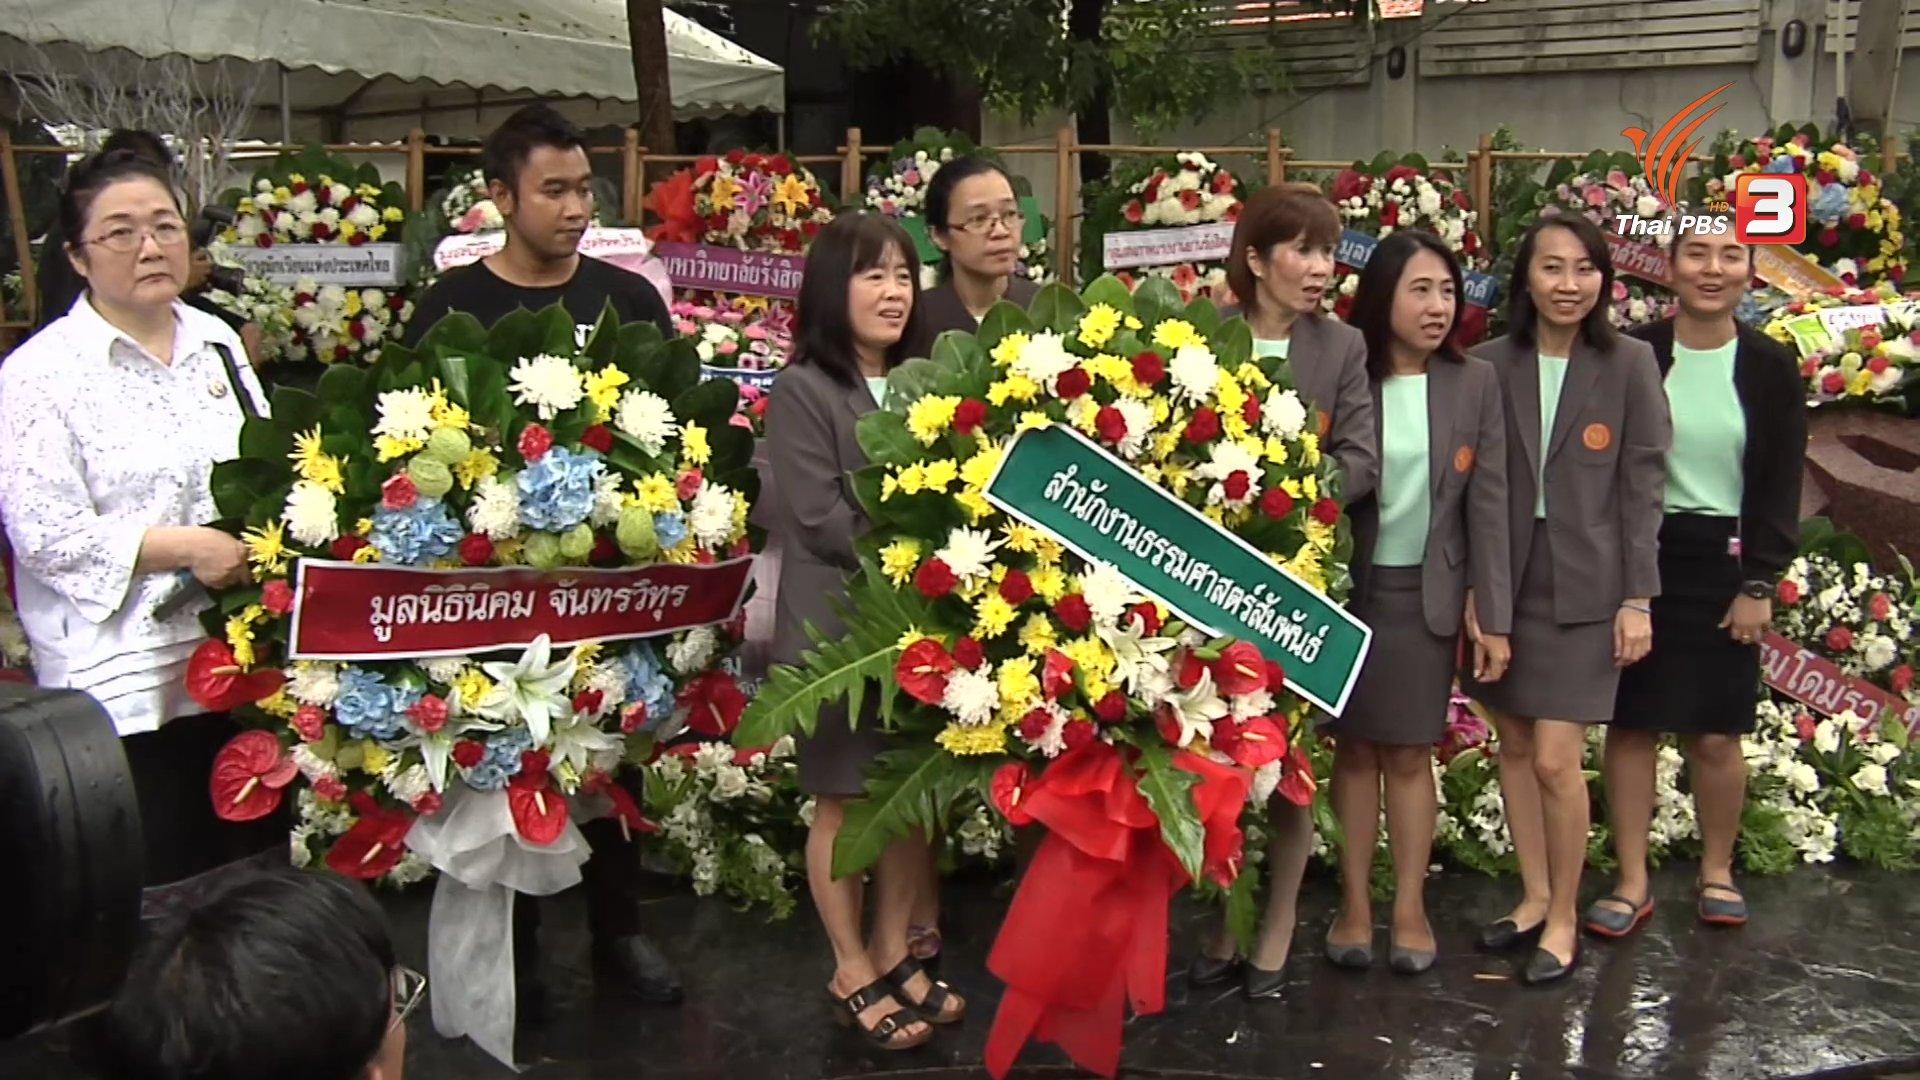 เสียงประชาชน เปลี่ยนประเทศไทย - ฝากอดีต ไว้ที่อนาคต